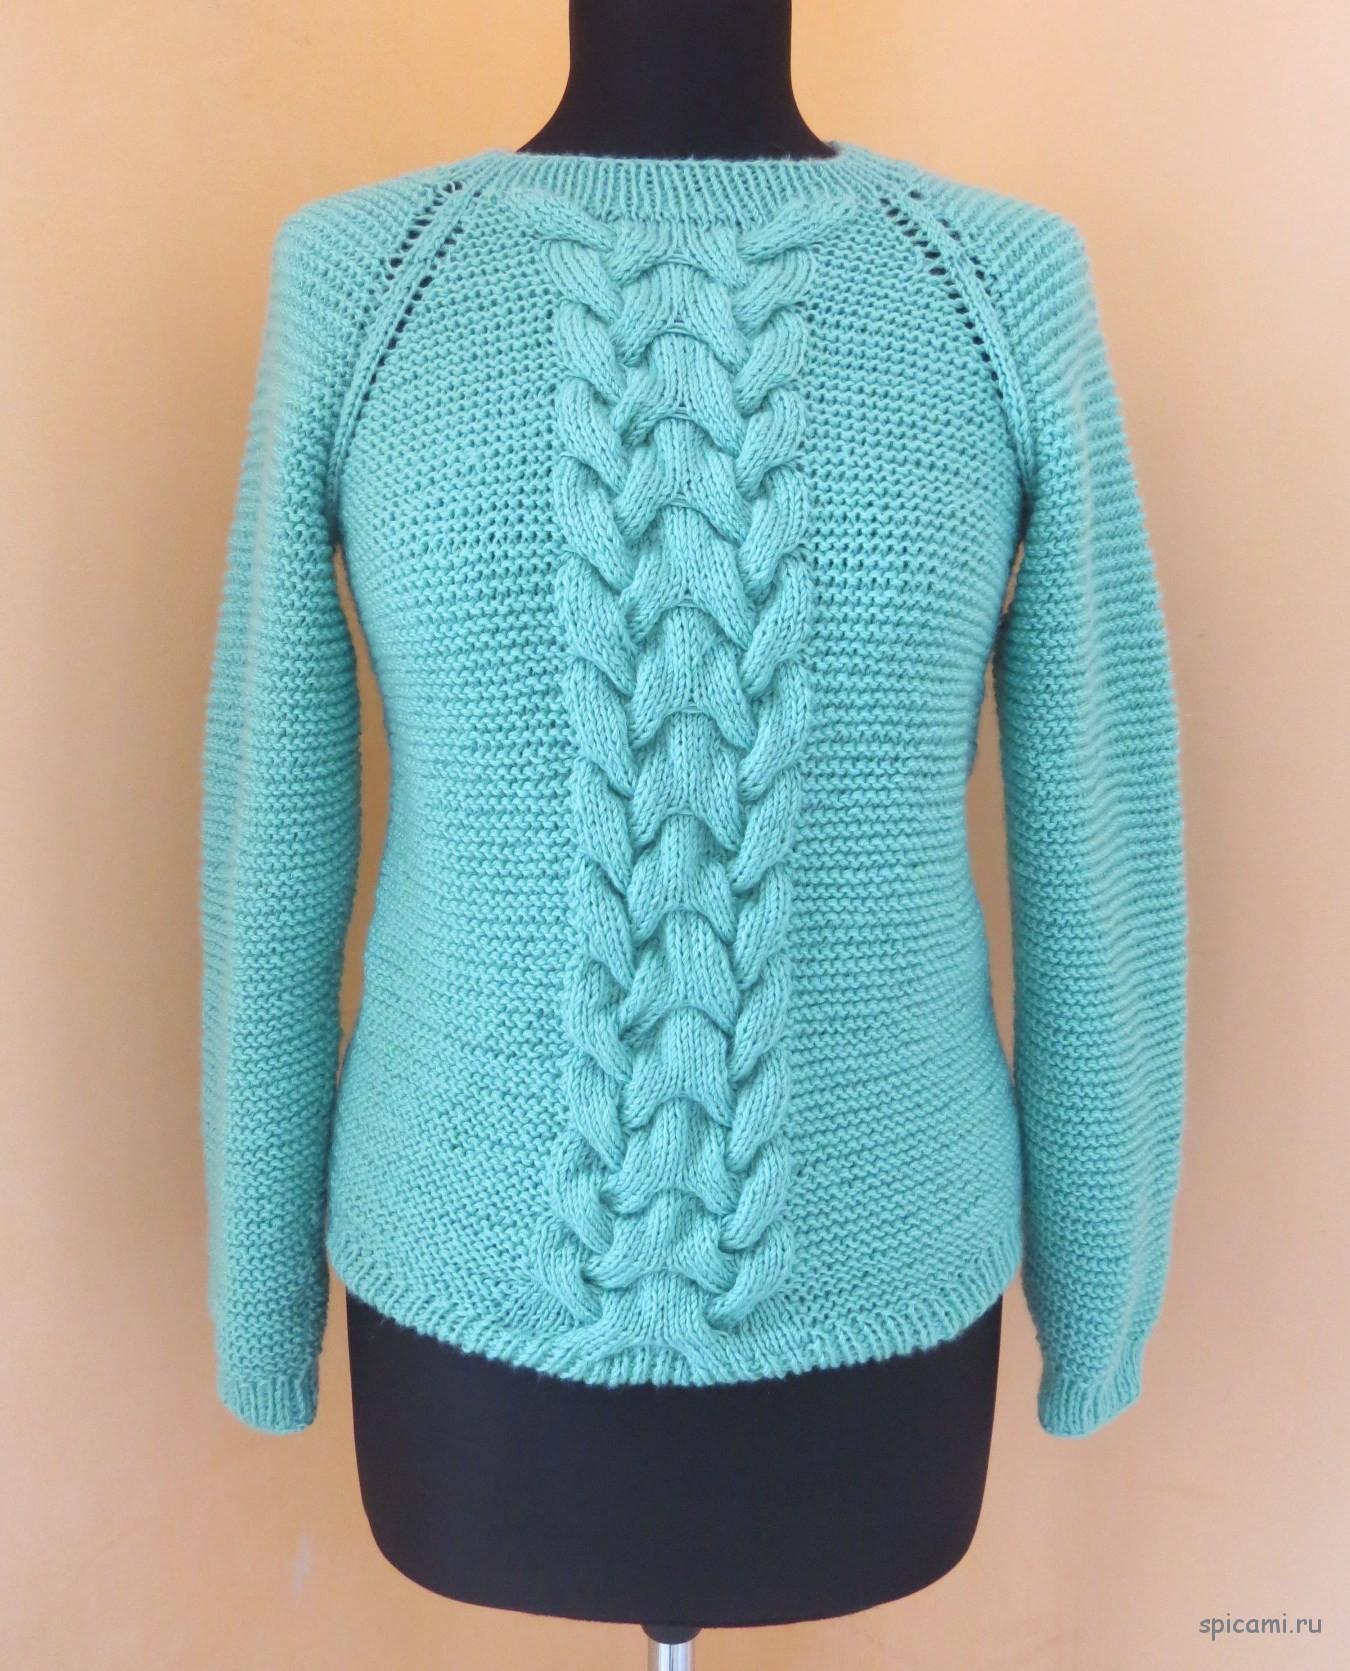 Вязаный пуловер с королевской косой